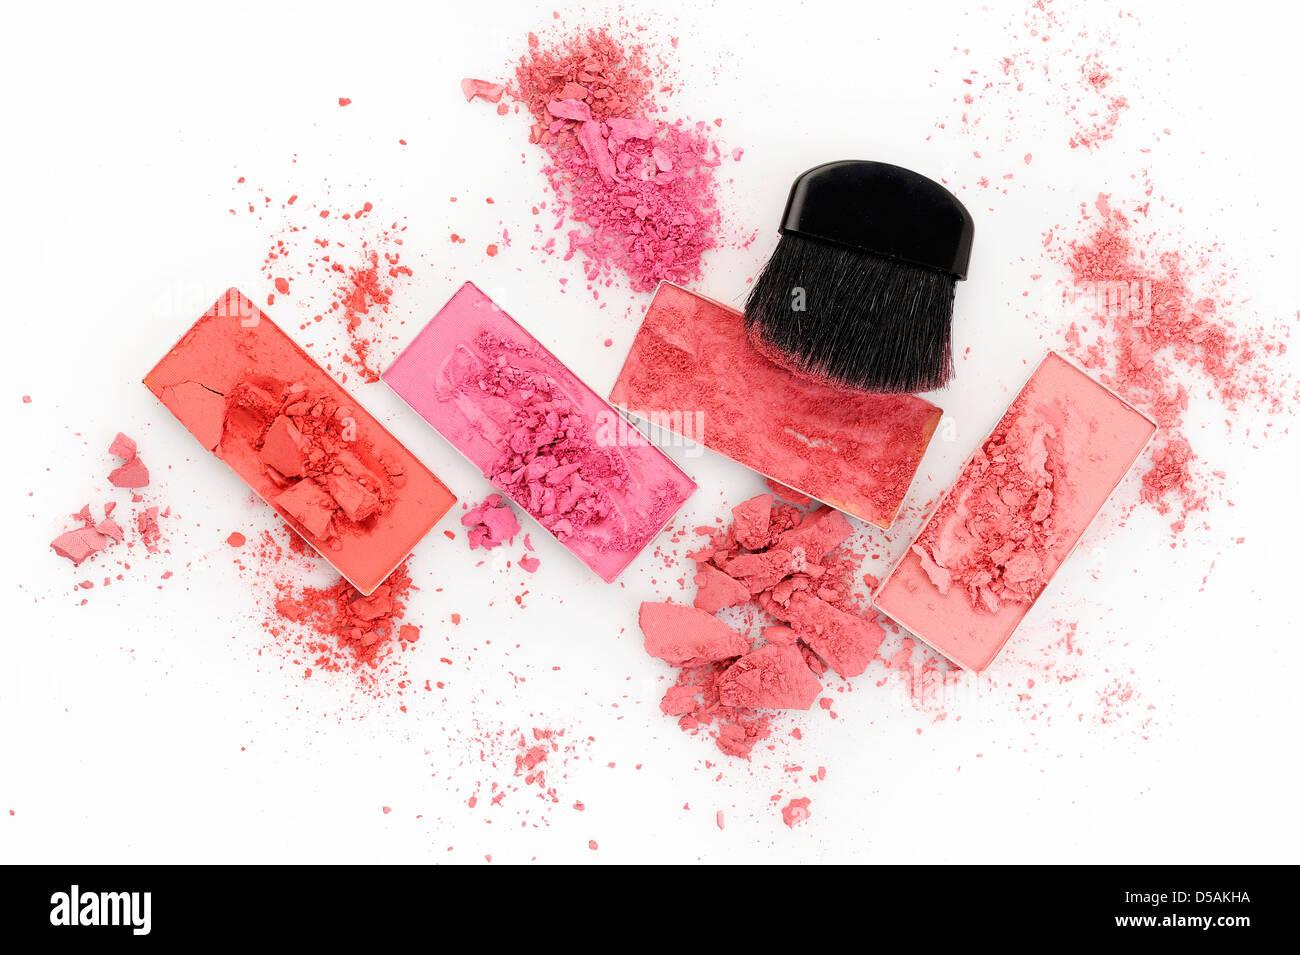 Make-up Pinsel und Puder auf weißem Hintergrund Stockbild